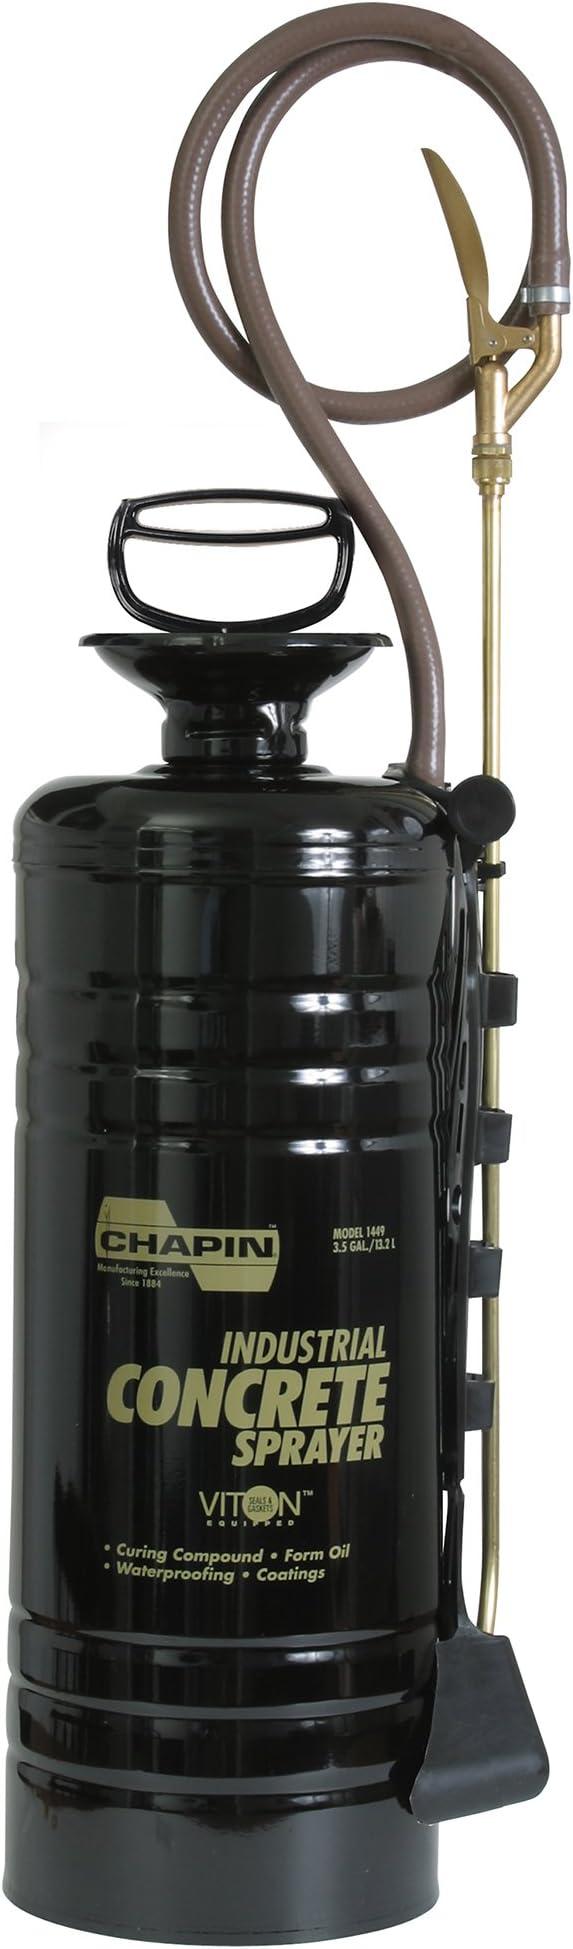 Chapin laiton réglable Buse de pulvérisation pour pulvérisateurs Cône fine sûr 6-6000 Jardin